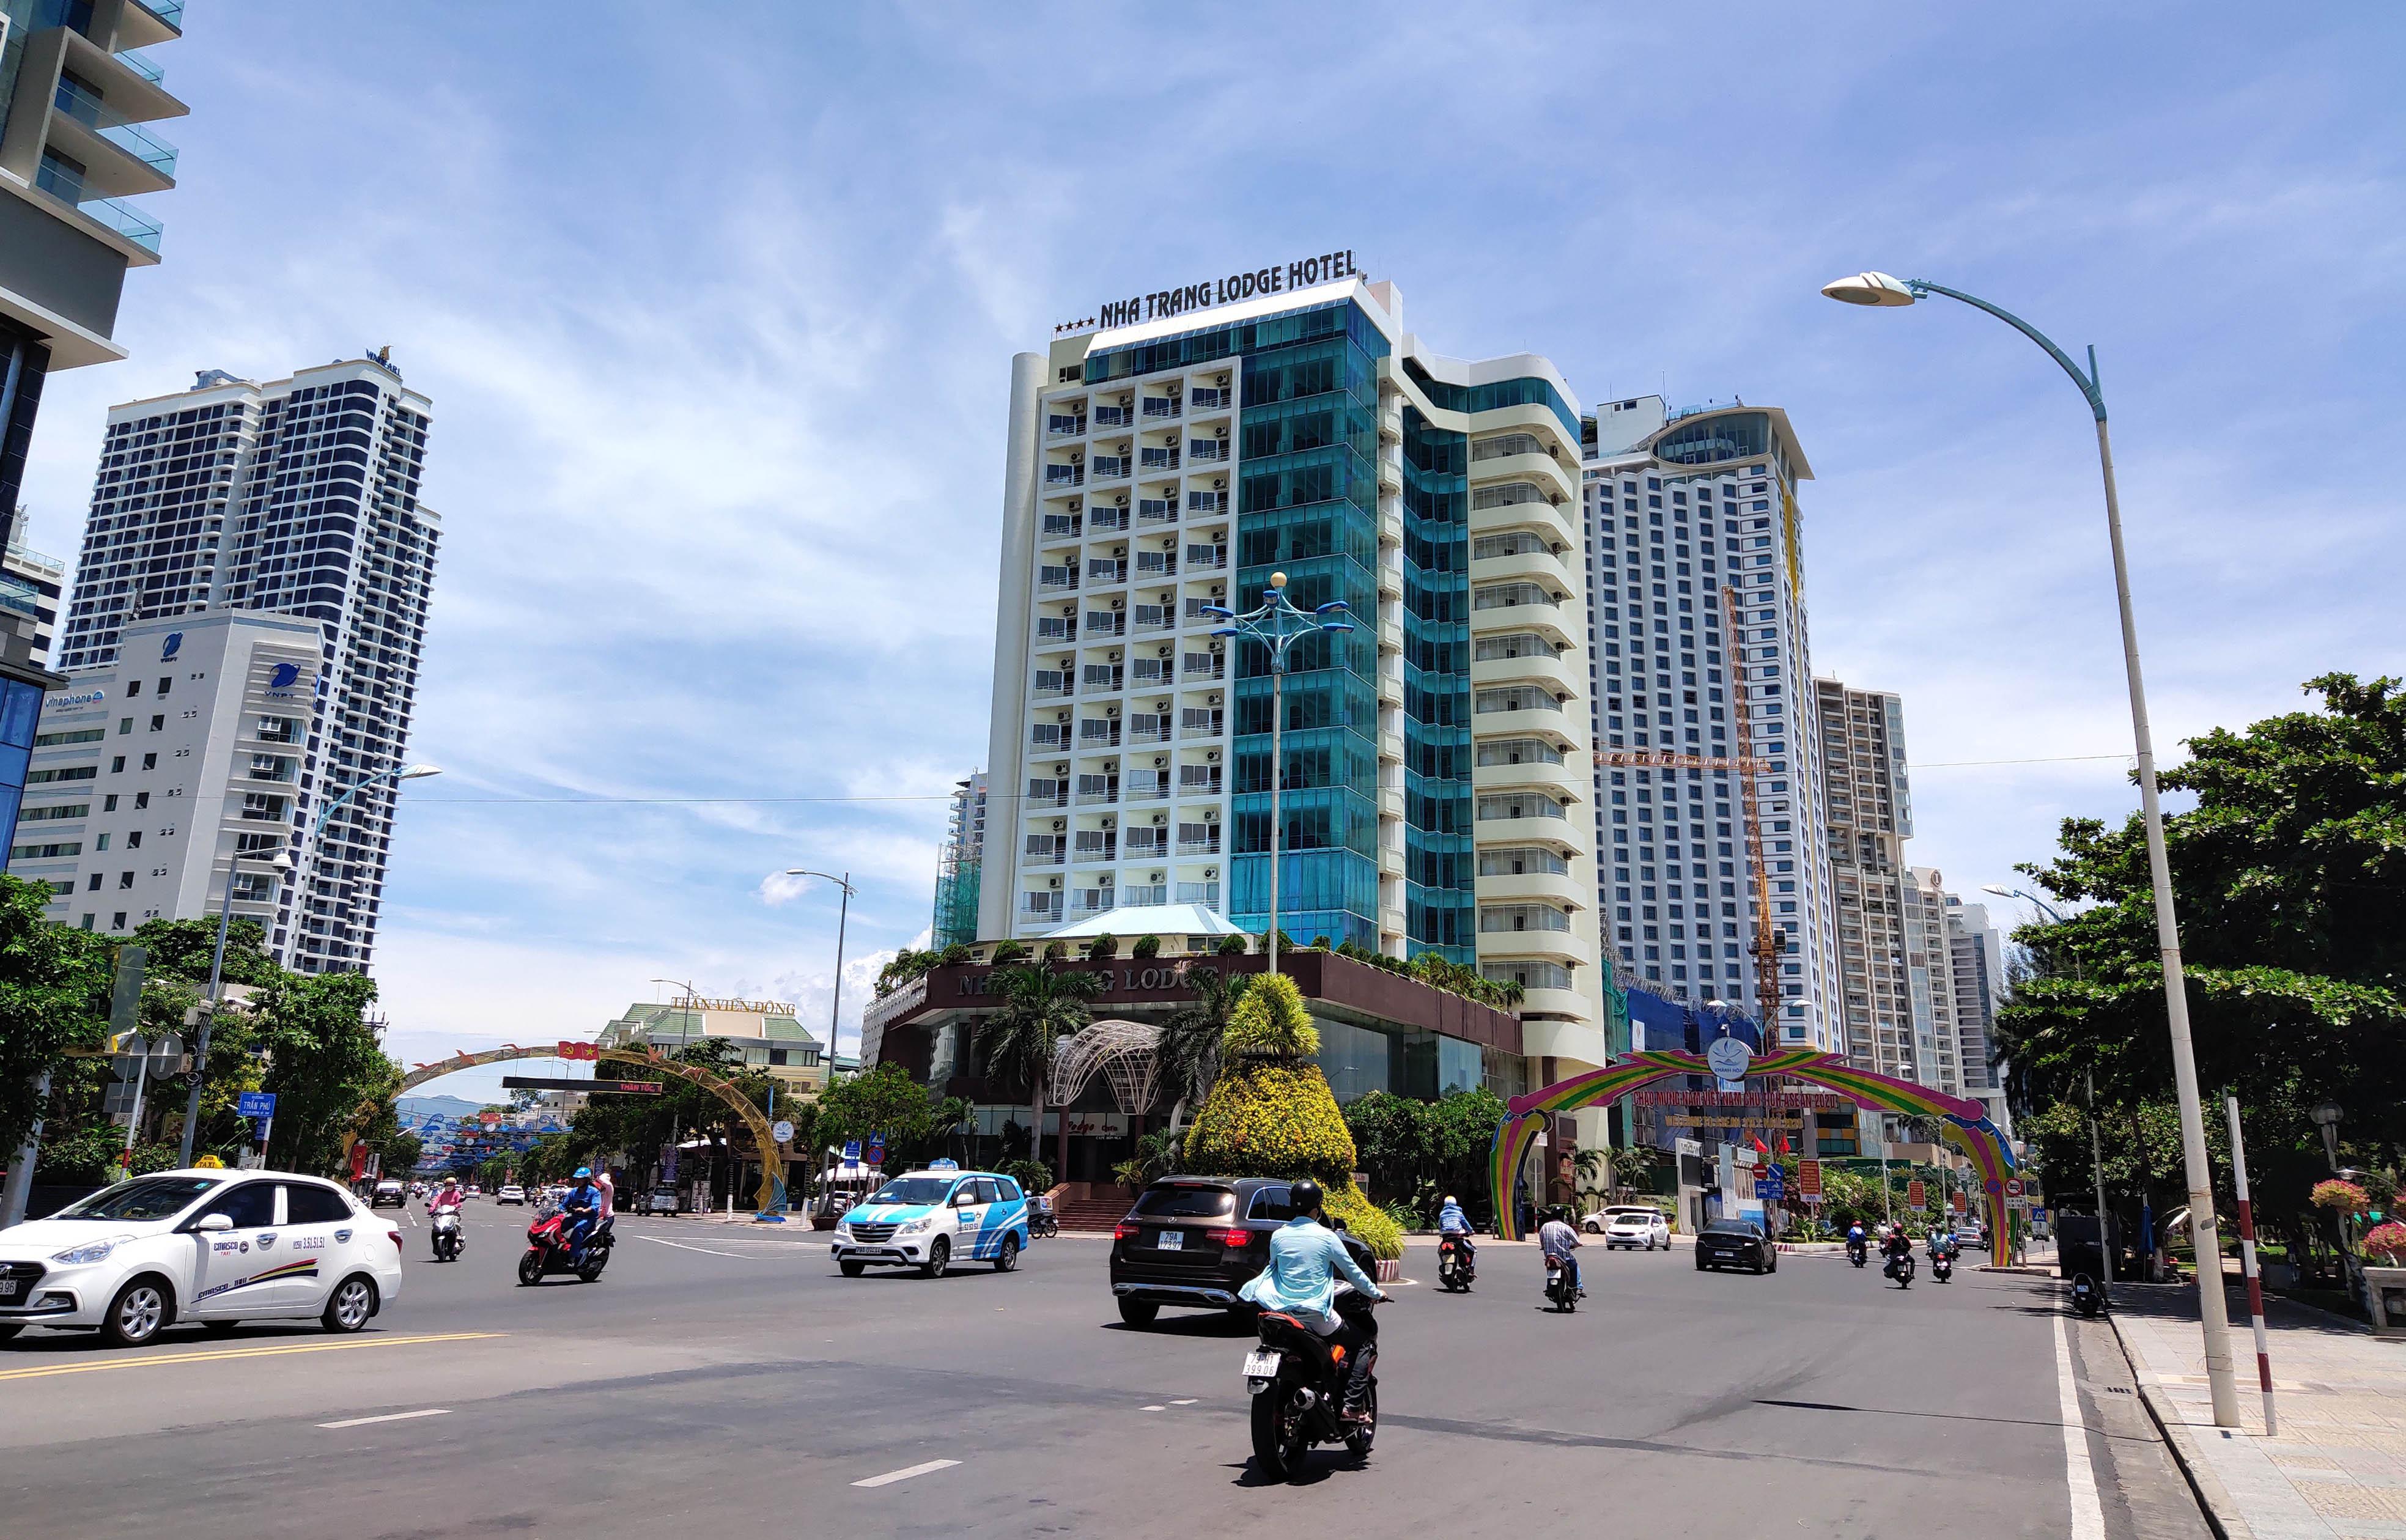 Khánh Hòa: Hàng loạt khách sạn đóng cửa lần 2 vì công suất buồng phòng chưa đến 10% - Ảnh 1.